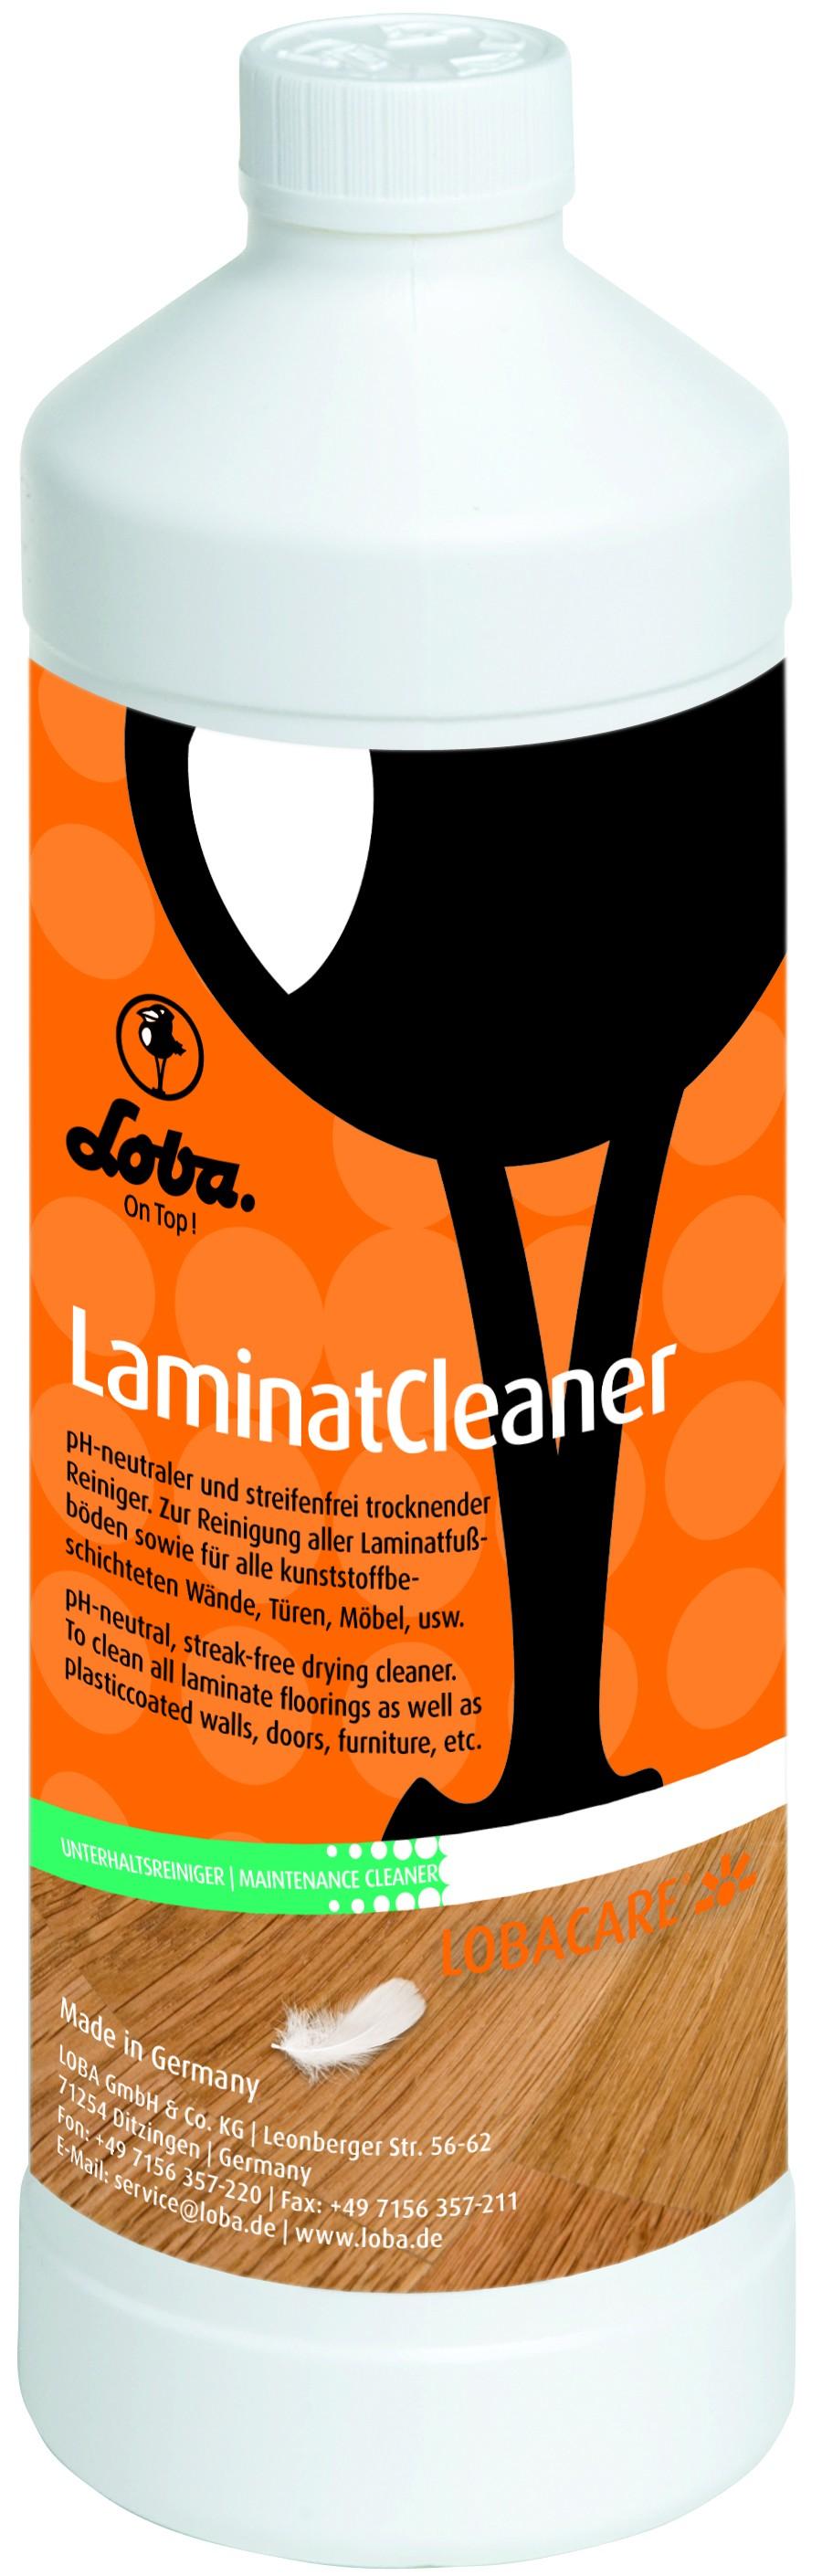 Loba - LOBACARE LaminatCleaner - 1 L Reiniger für Laminatboden